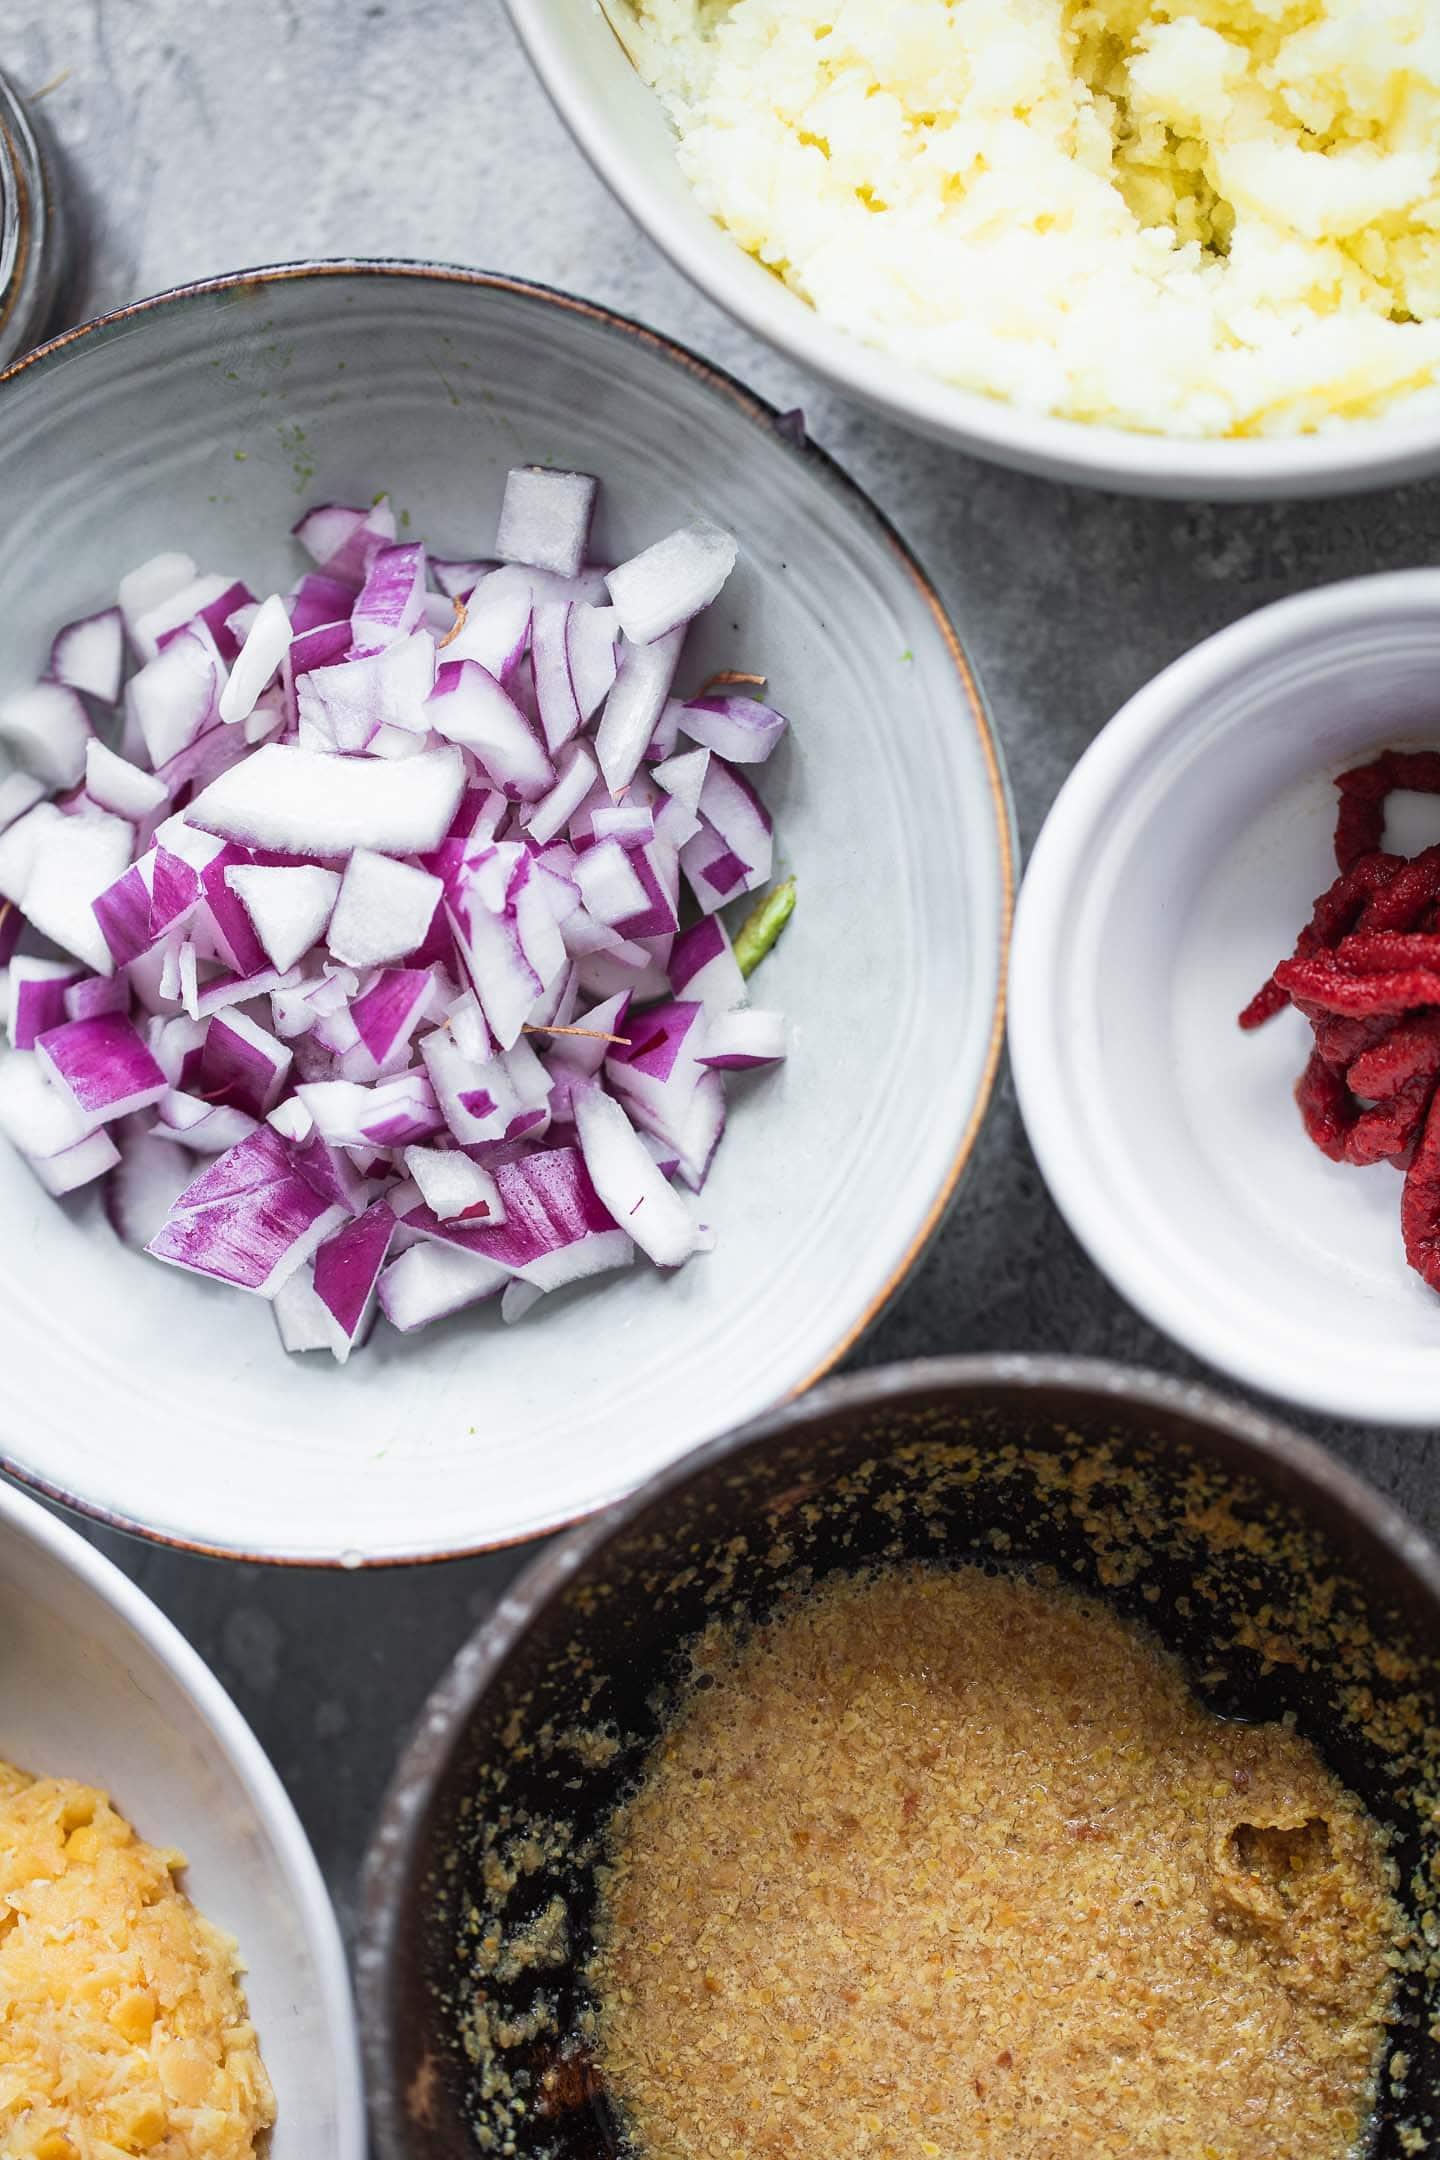 Ingredients for vegan lentil meatballs